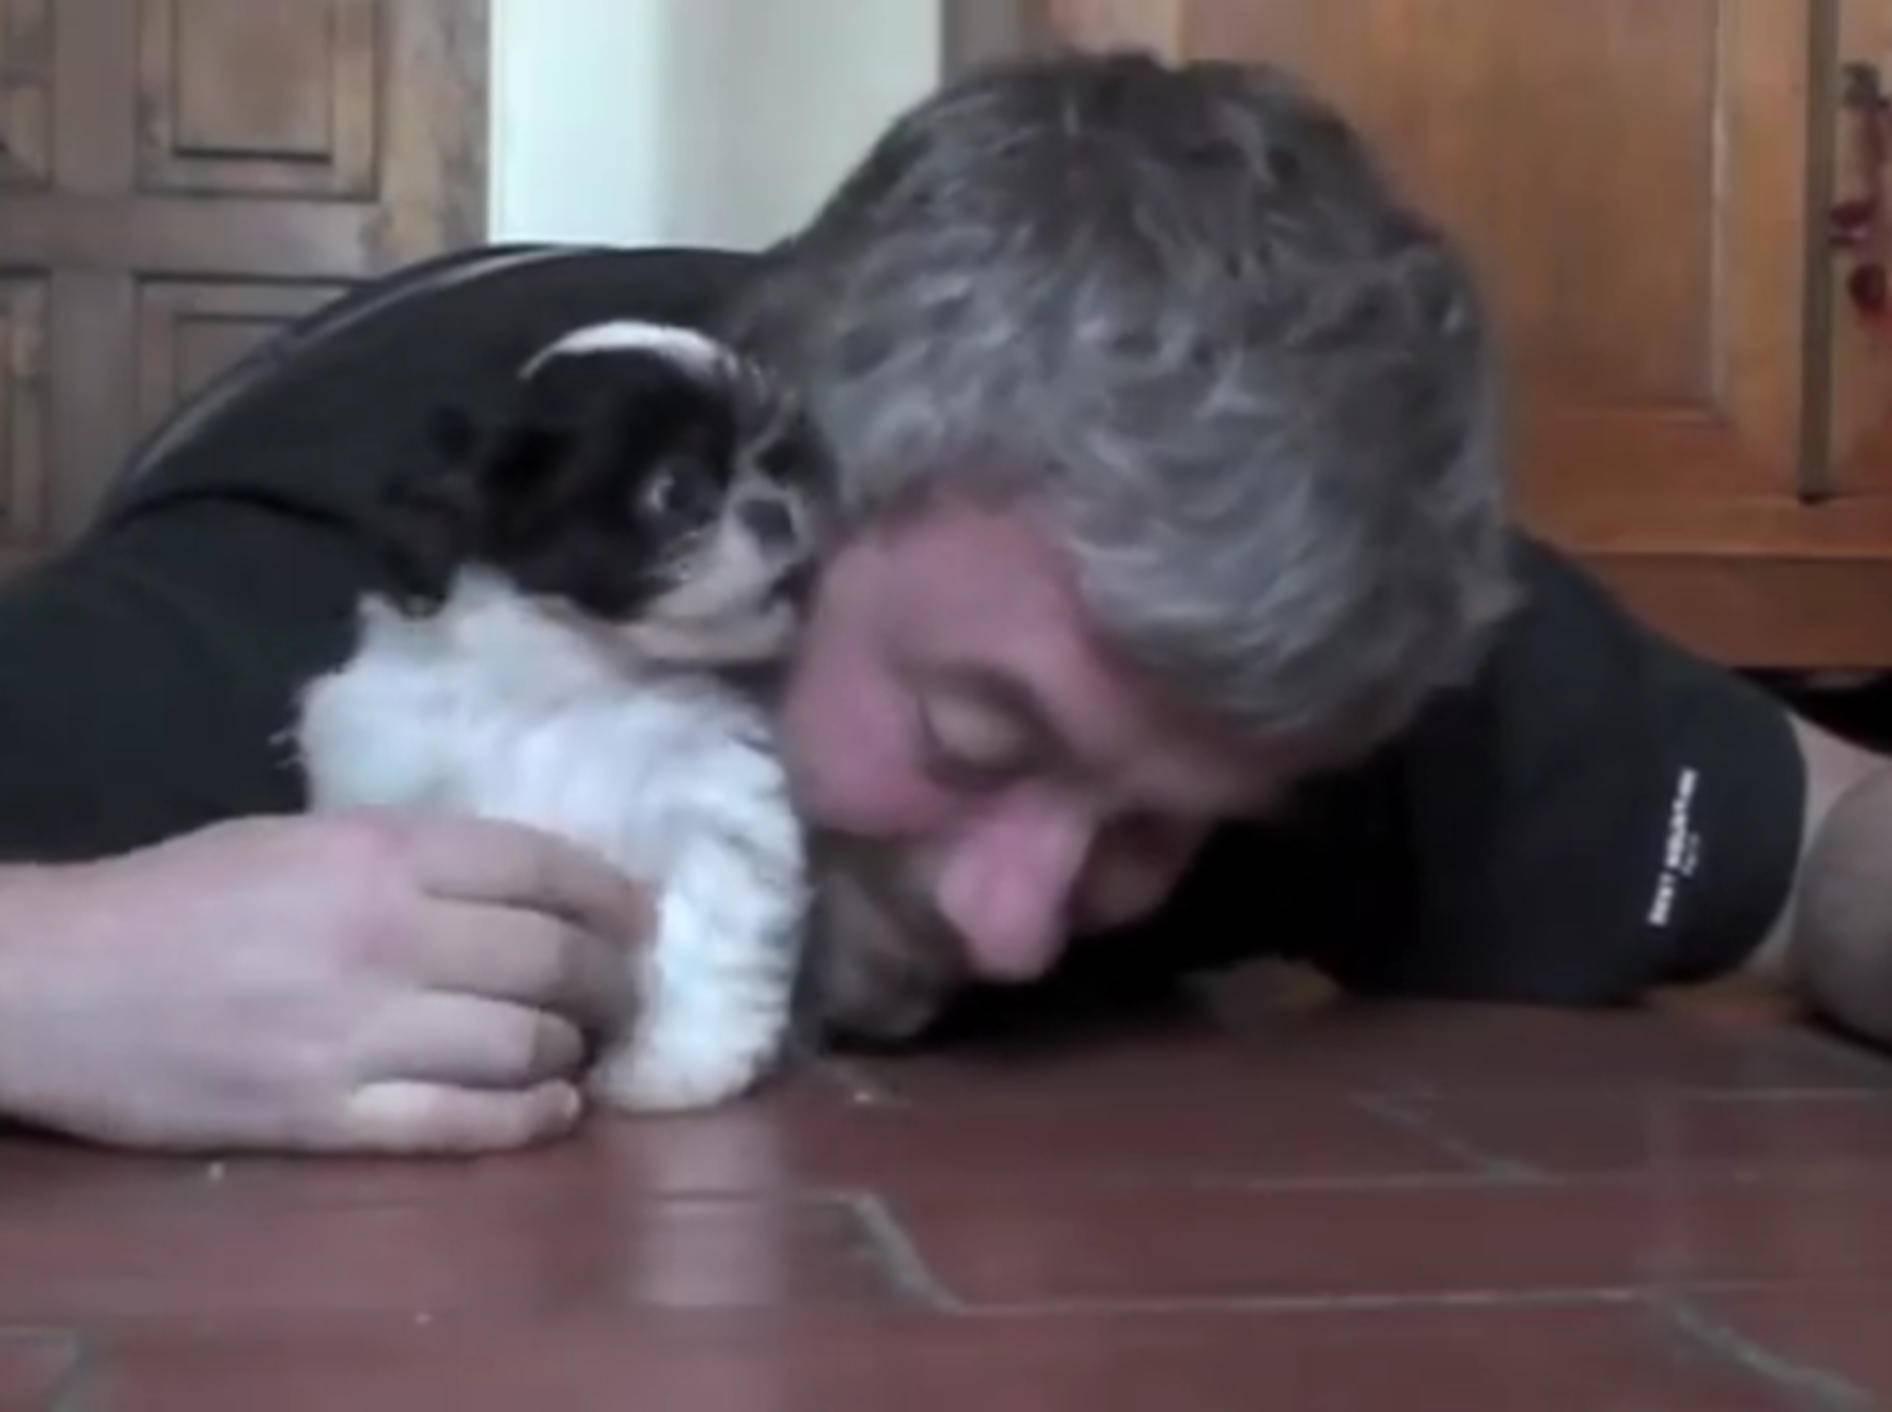 So süß wie die beiden Freunde hier gemeinsam auf dem Boden kuscheln und spielen – YouTube / Philippe LISSART